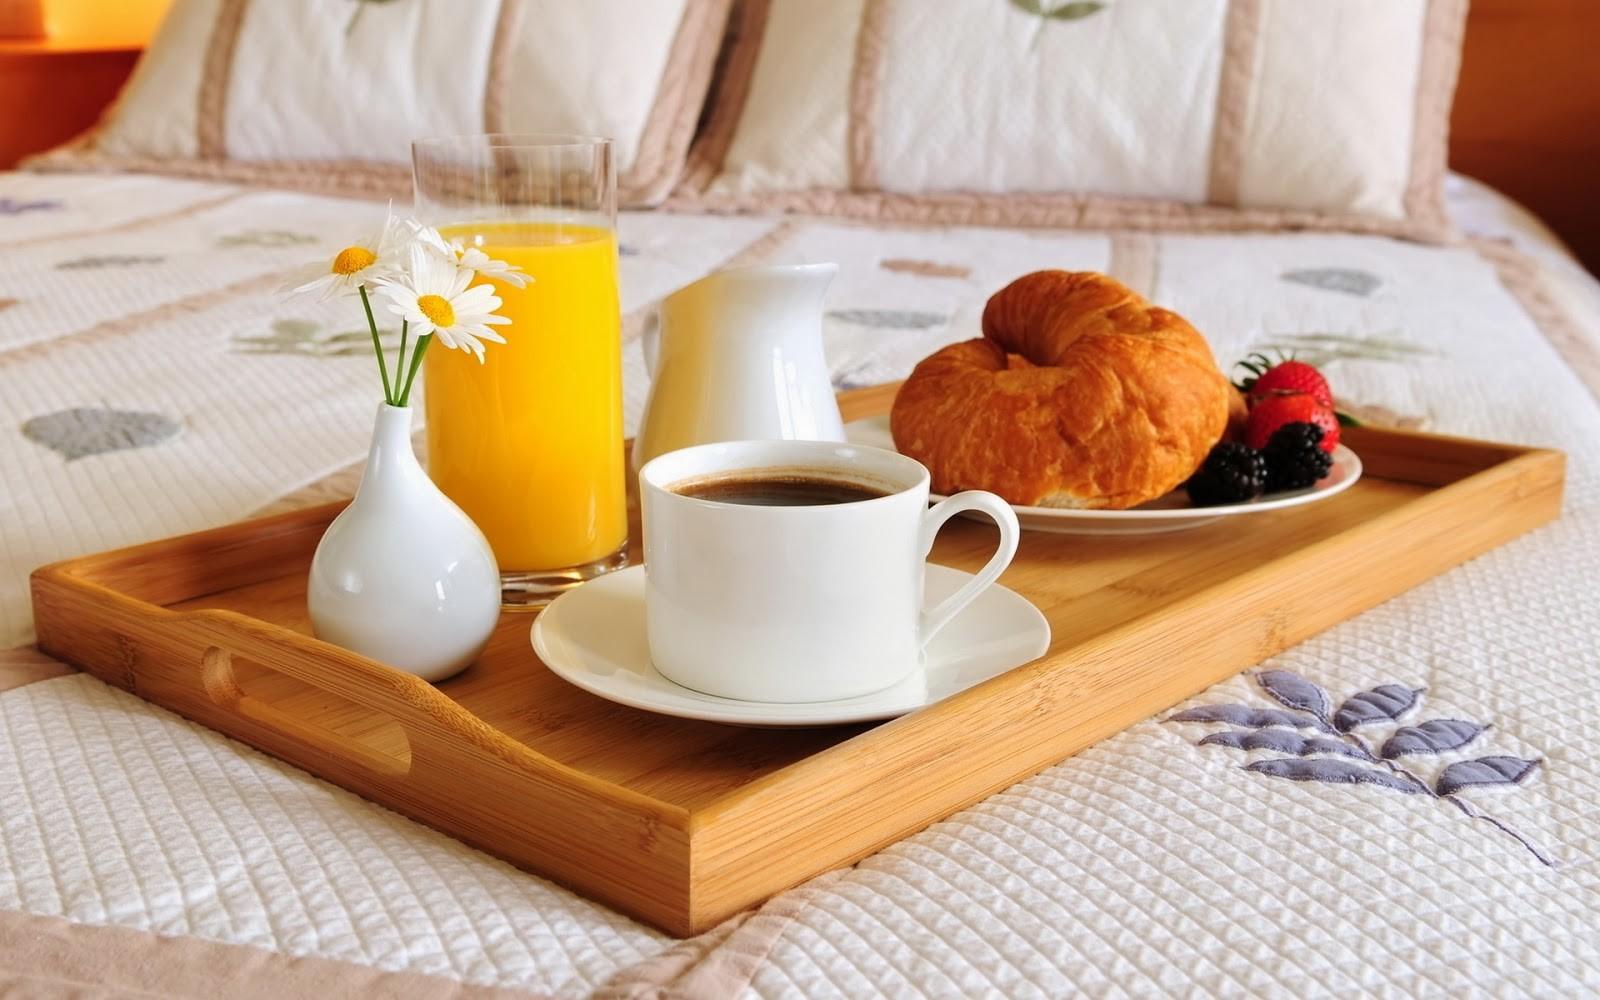 4 أخطاء ترتكبها في فطور الصباح وتجعلك سمينا